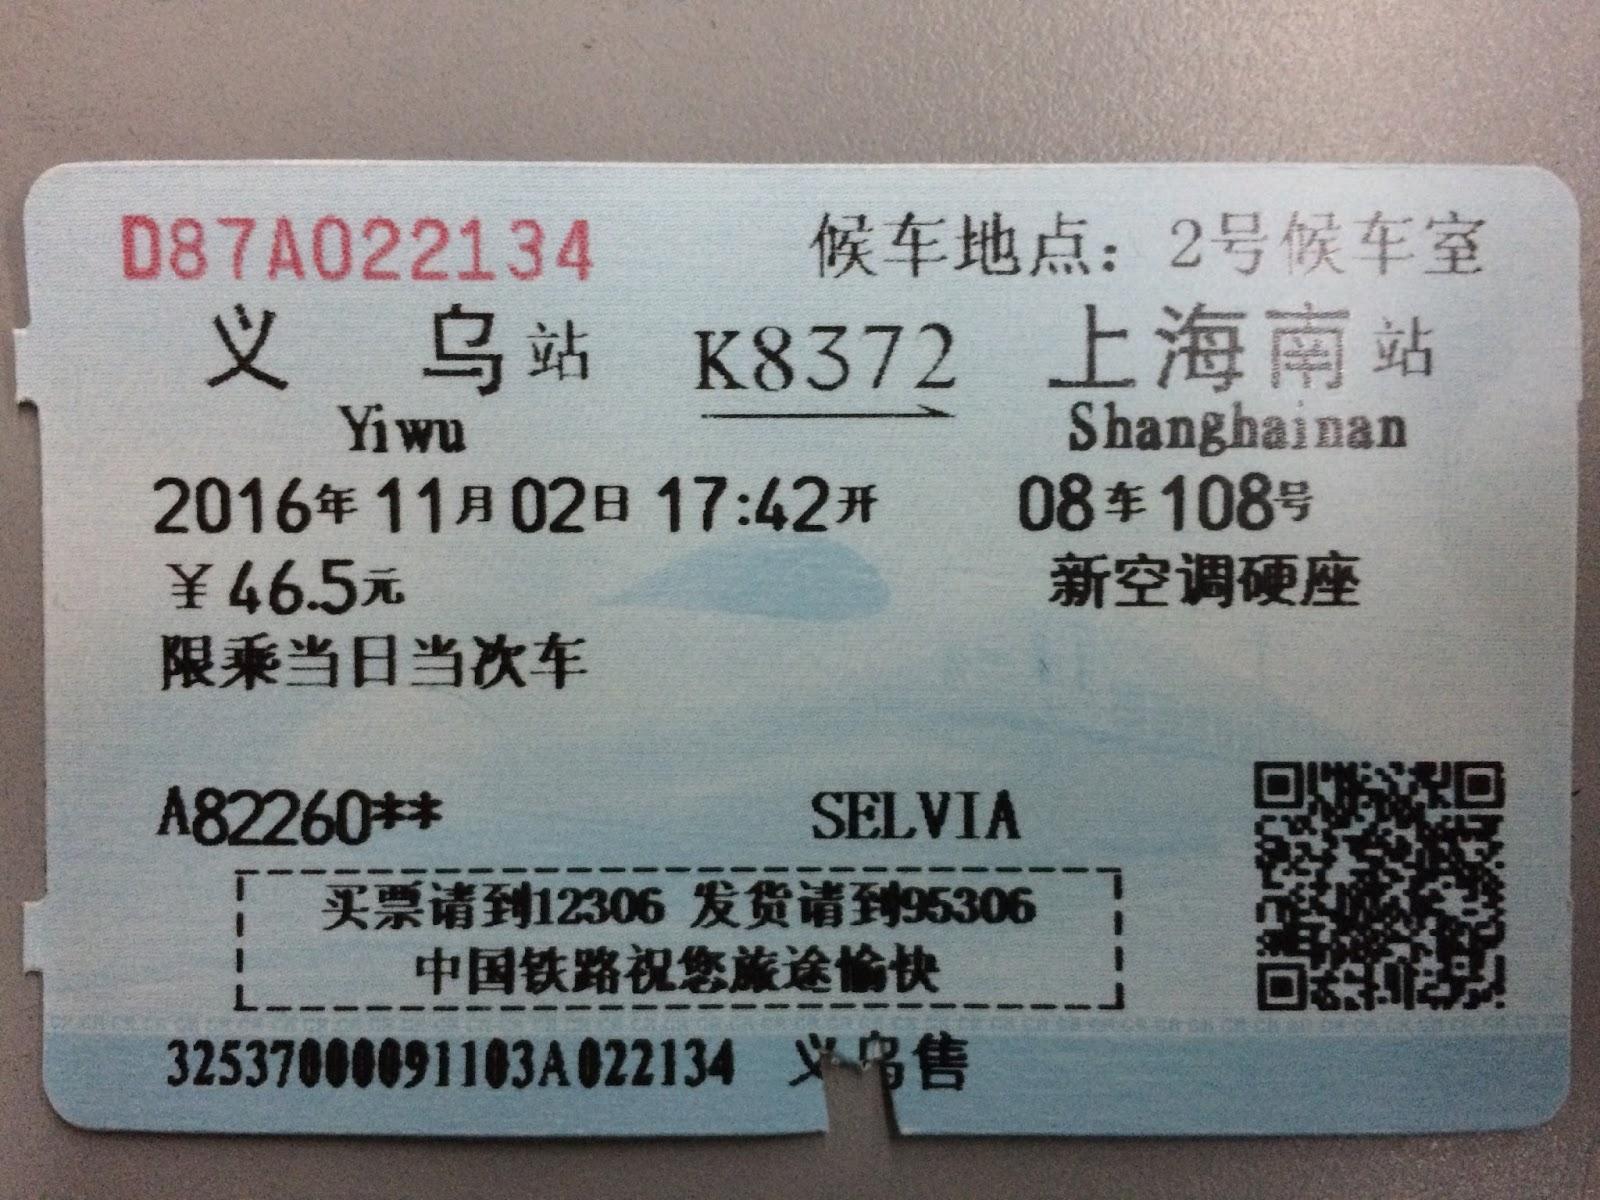 Pendekar Berkelana Rute Perjalanan China 3 Minggu Di Bulan Oktober 2016 Trip Wisata Bisnis Kota Yiwu Tiket Kereta Shanghai 465yuan